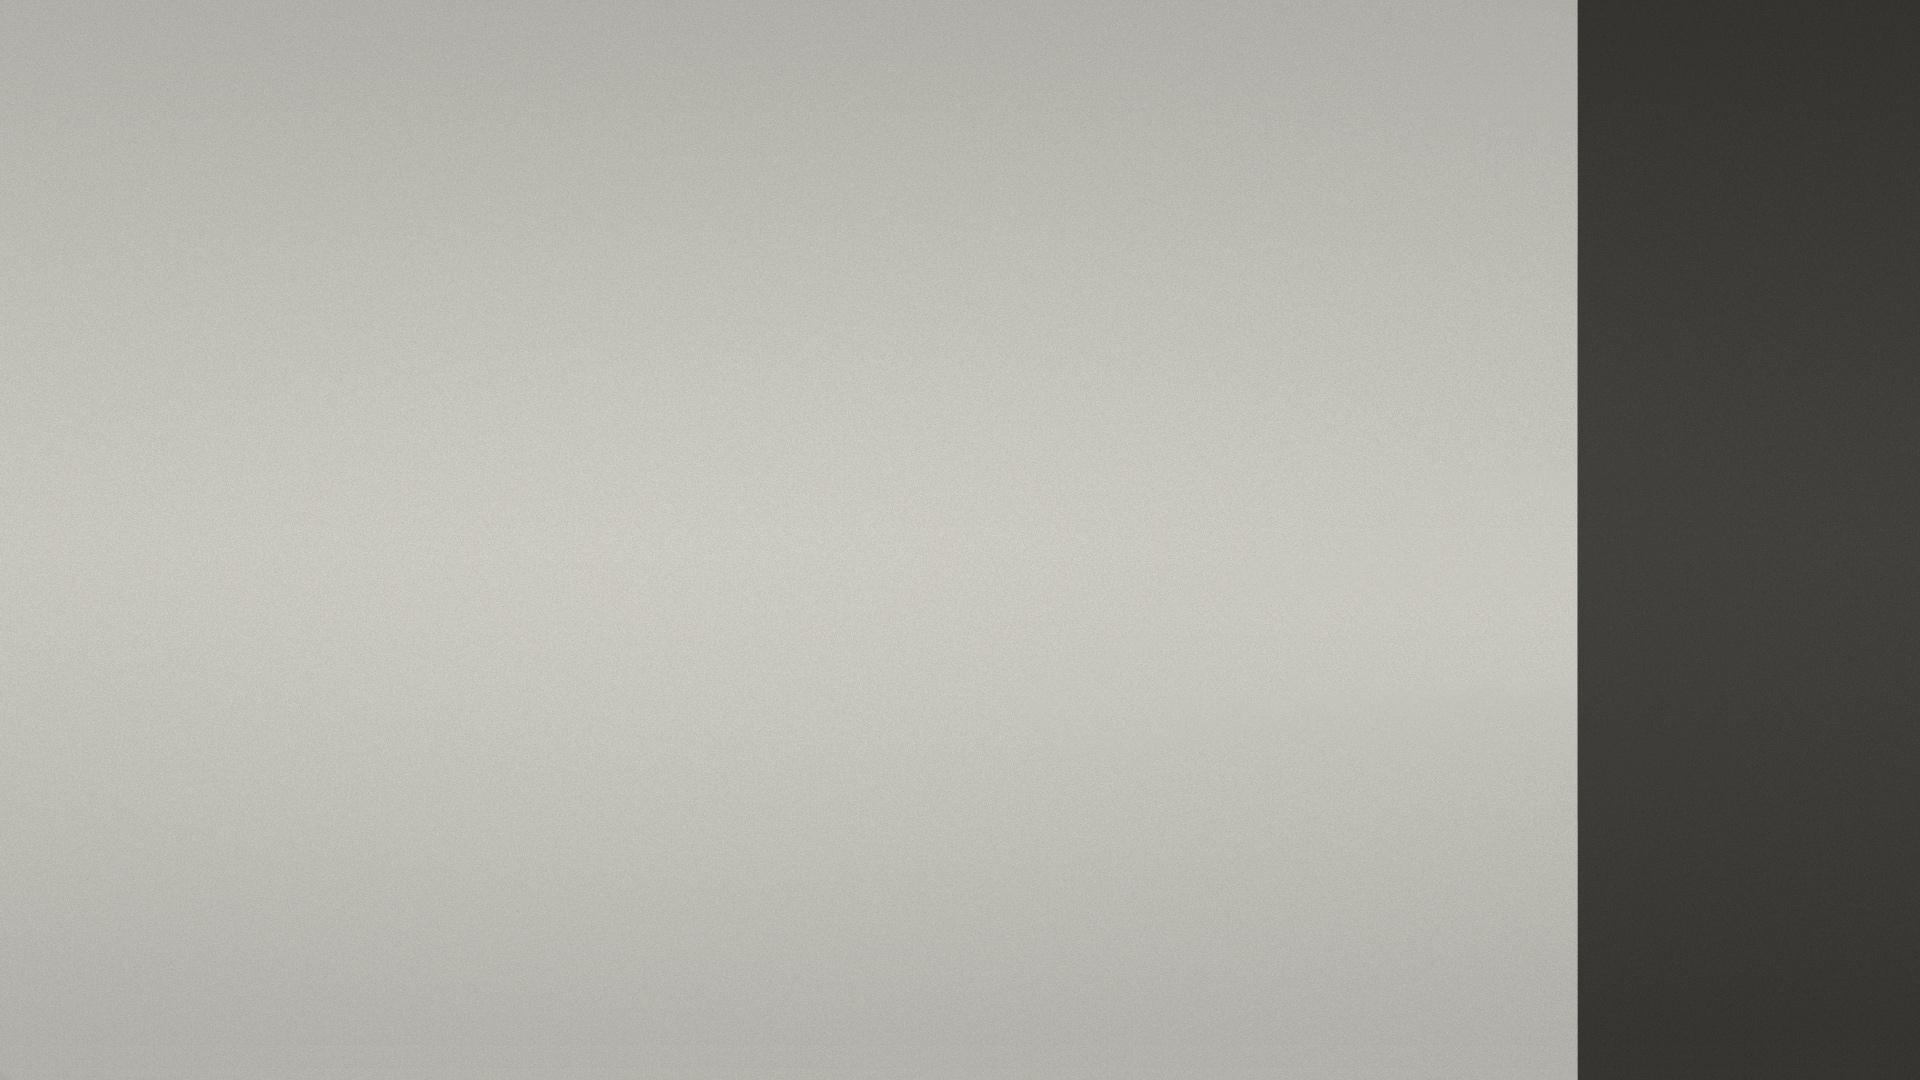 minimalist wallpaper minimal desktop images 1920x1080 1920x1080